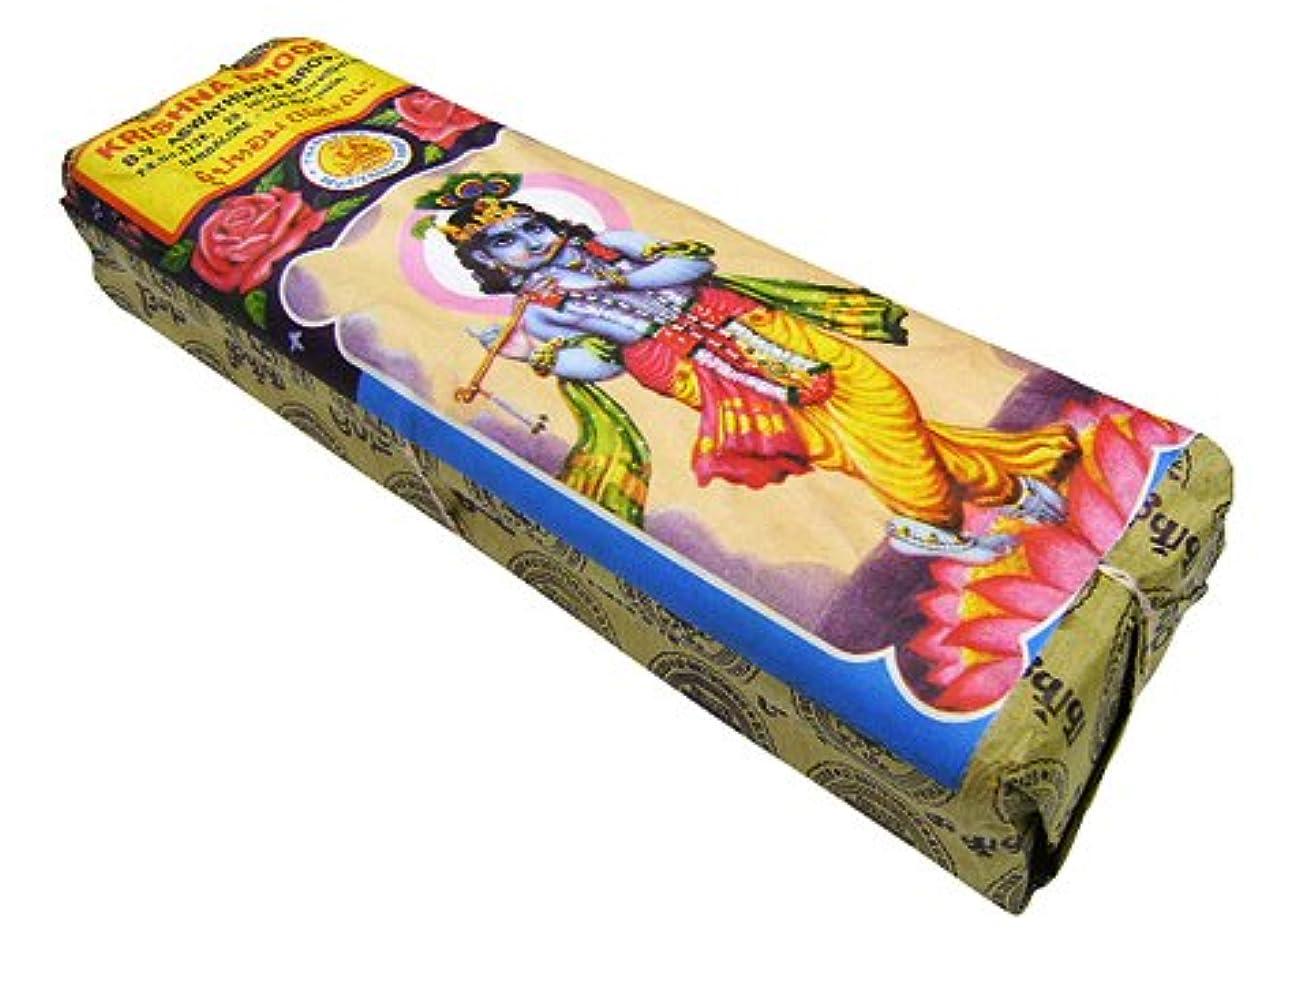 不愉快に痛み排他的NANDI(ナンディ) KRISHNA DHOOP クリシュナドゥープ香 スティック 6箱セット